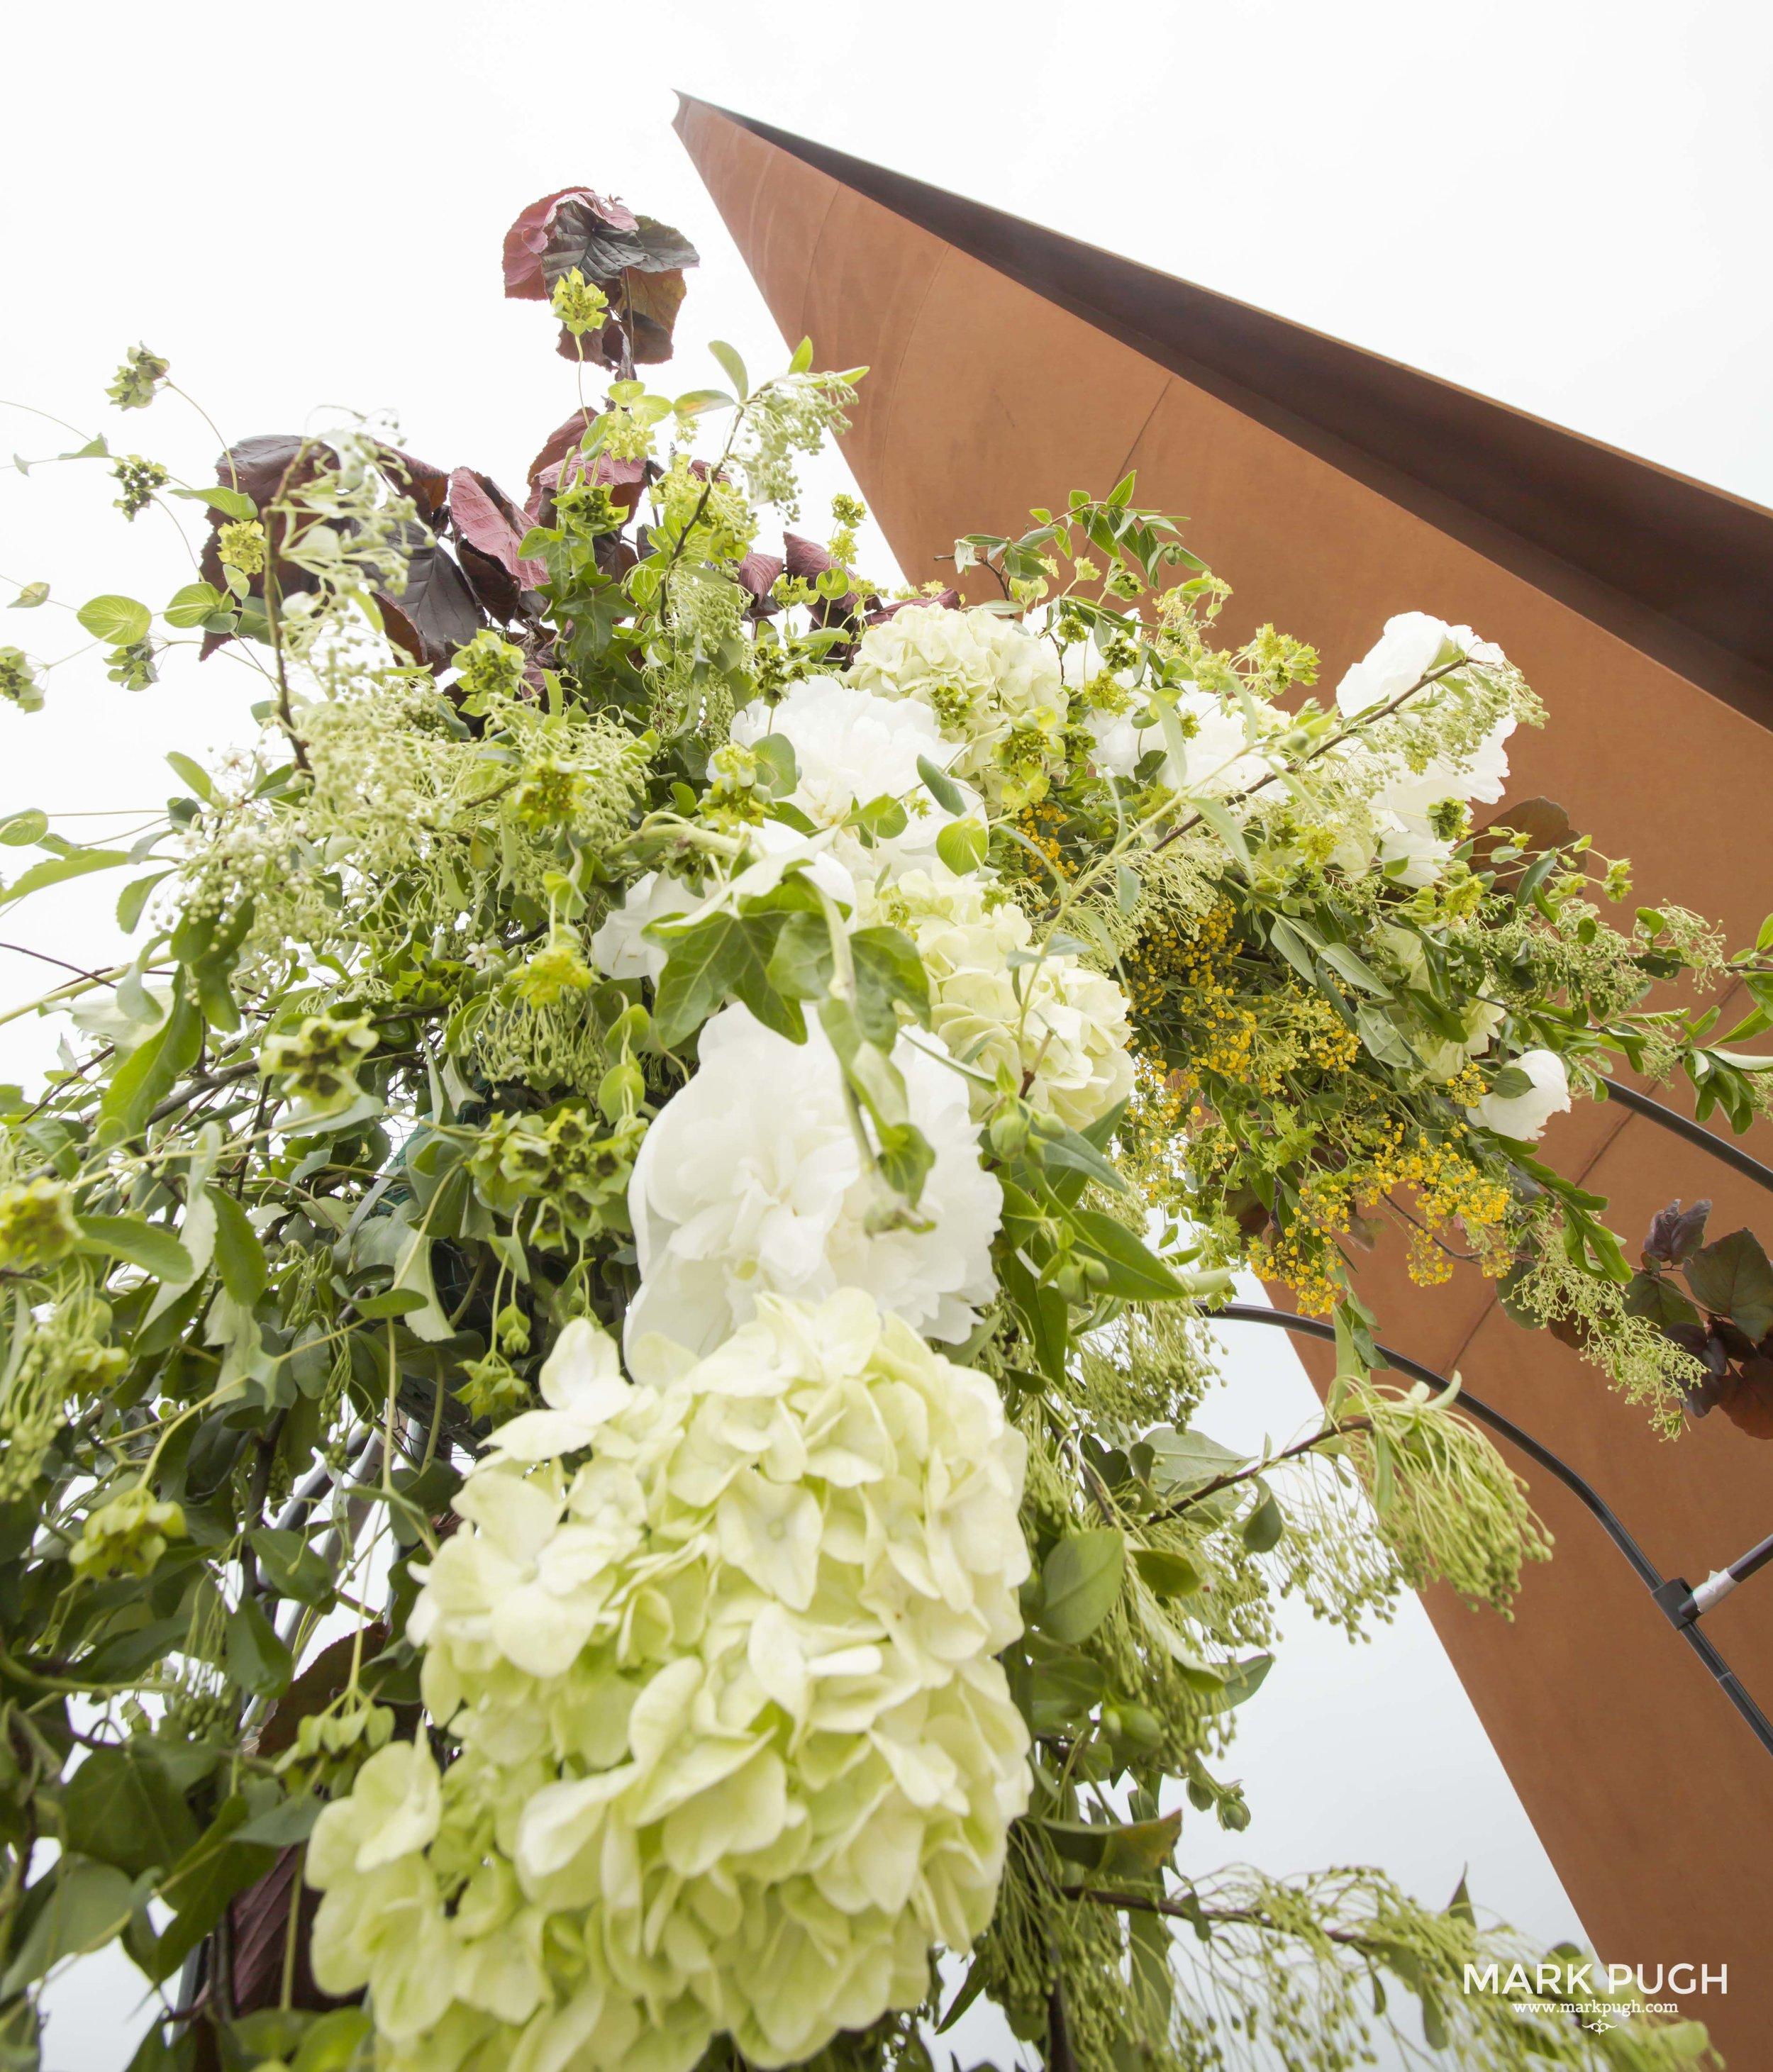 017 - fineART photography by www.markpugh.com Mark Pugh of www.mpmedia.co.uk_.JPG